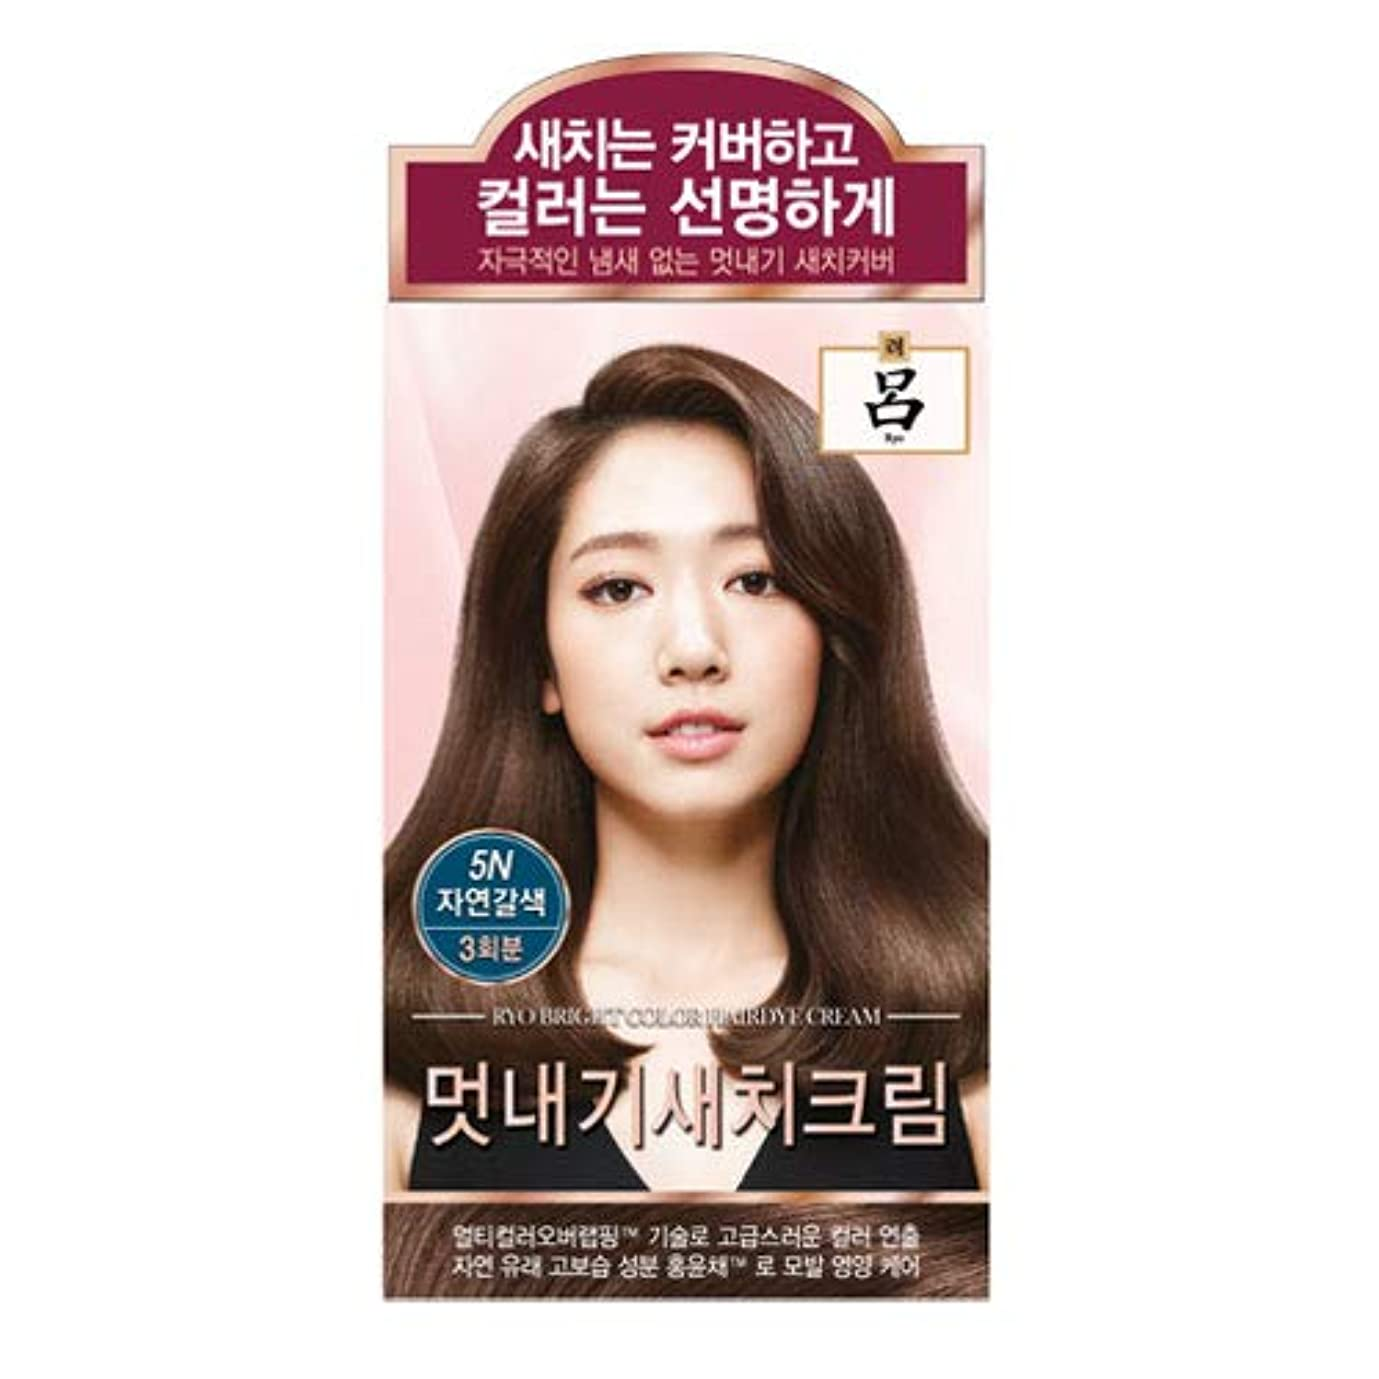 の間で容器遺棄されたアモーレパシフィック呂[AMOREPACIFIC/Ryo] ブライトカラーヘアアイクリーム 5N ナチュラルブラウン/Bright Color Hairdye Cream 5N Natural Brown